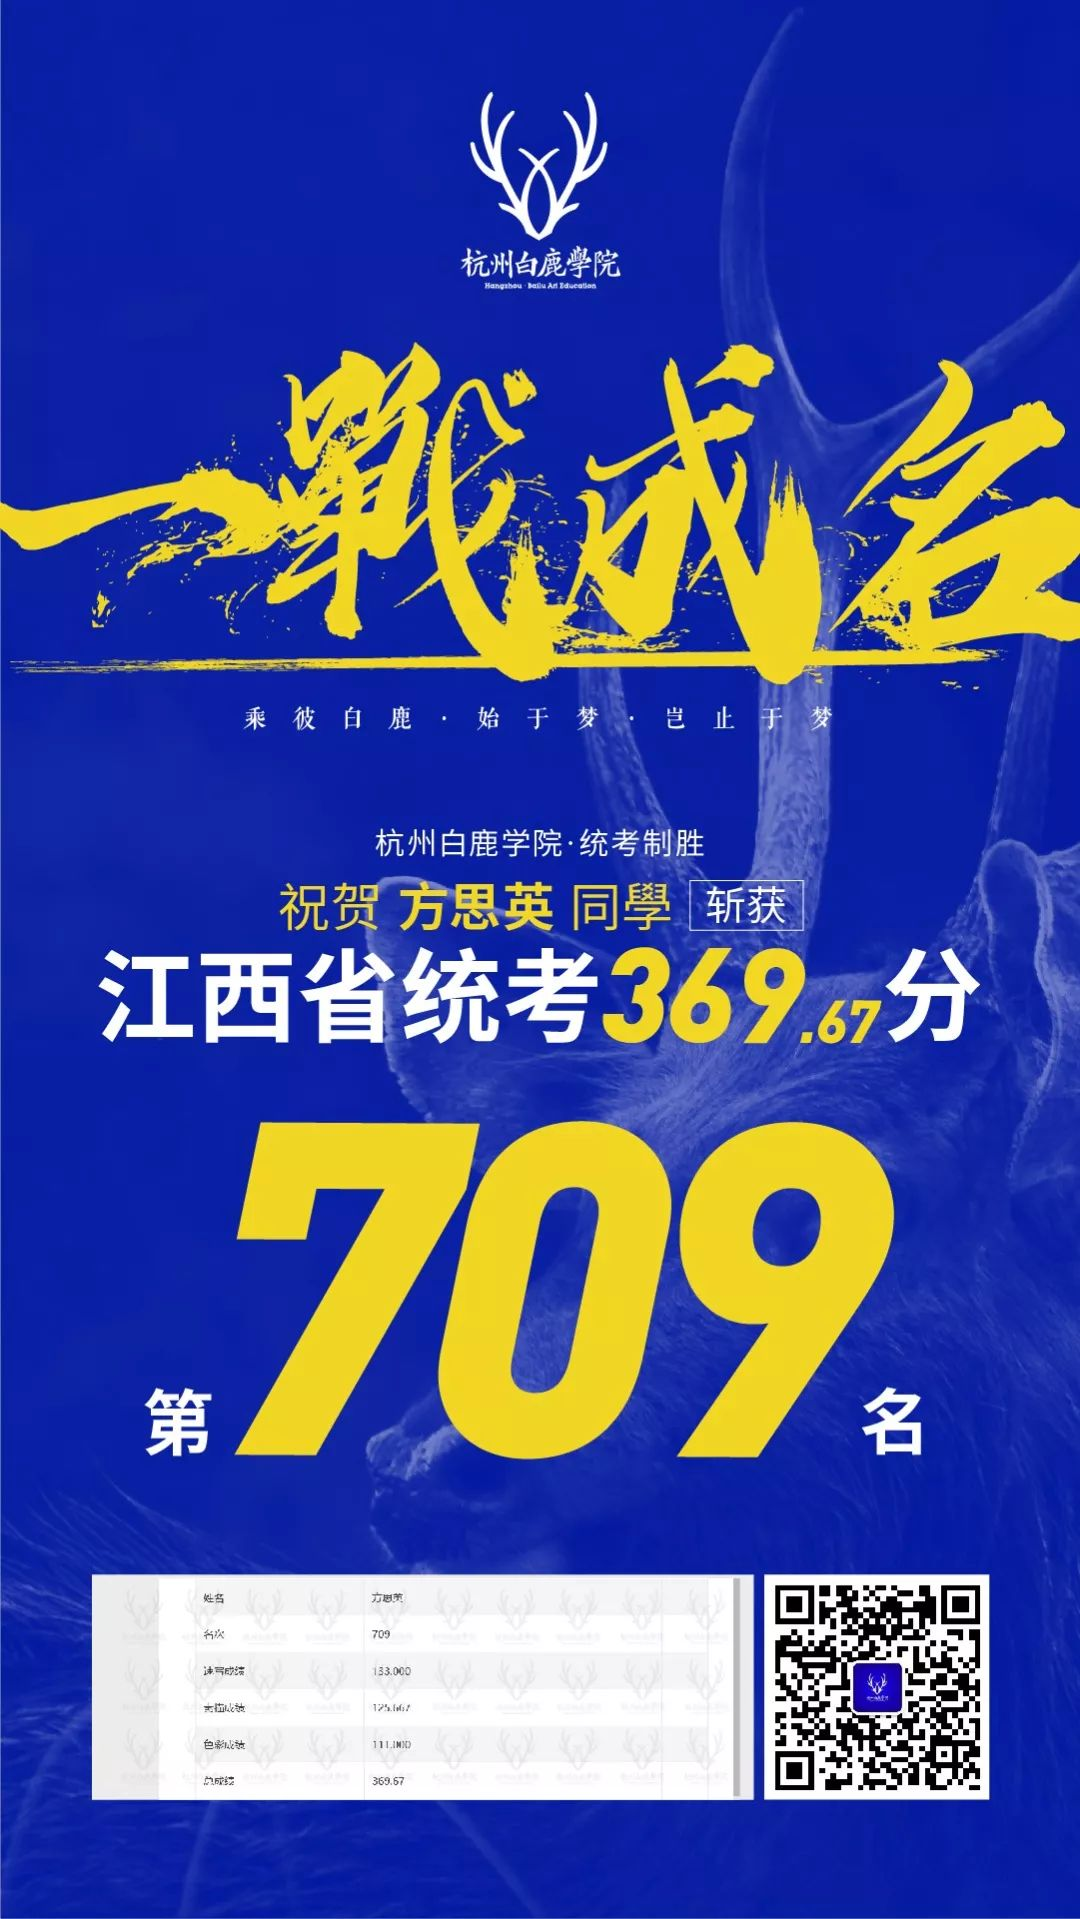 杭州画室,杭州美术培训,杭州联考美术培训,23